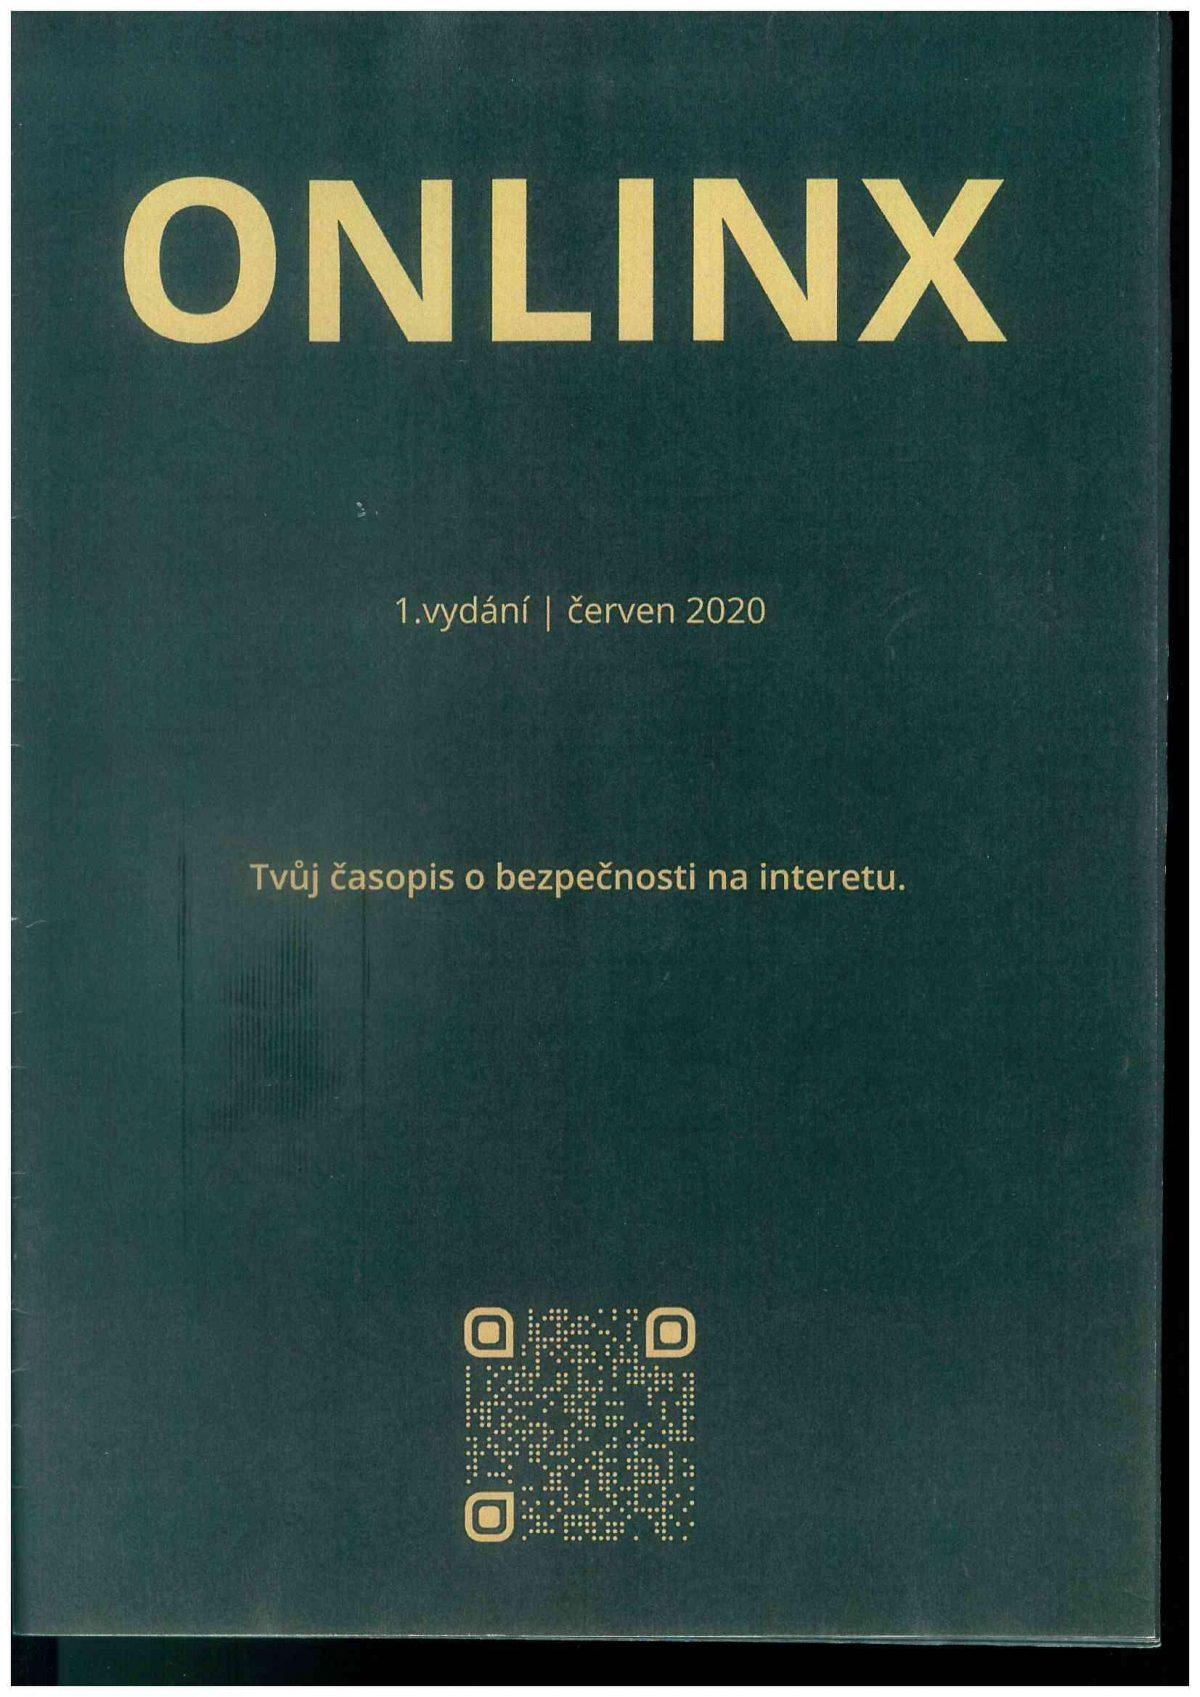 Titulní strana soutěžního časopisu ONLINX